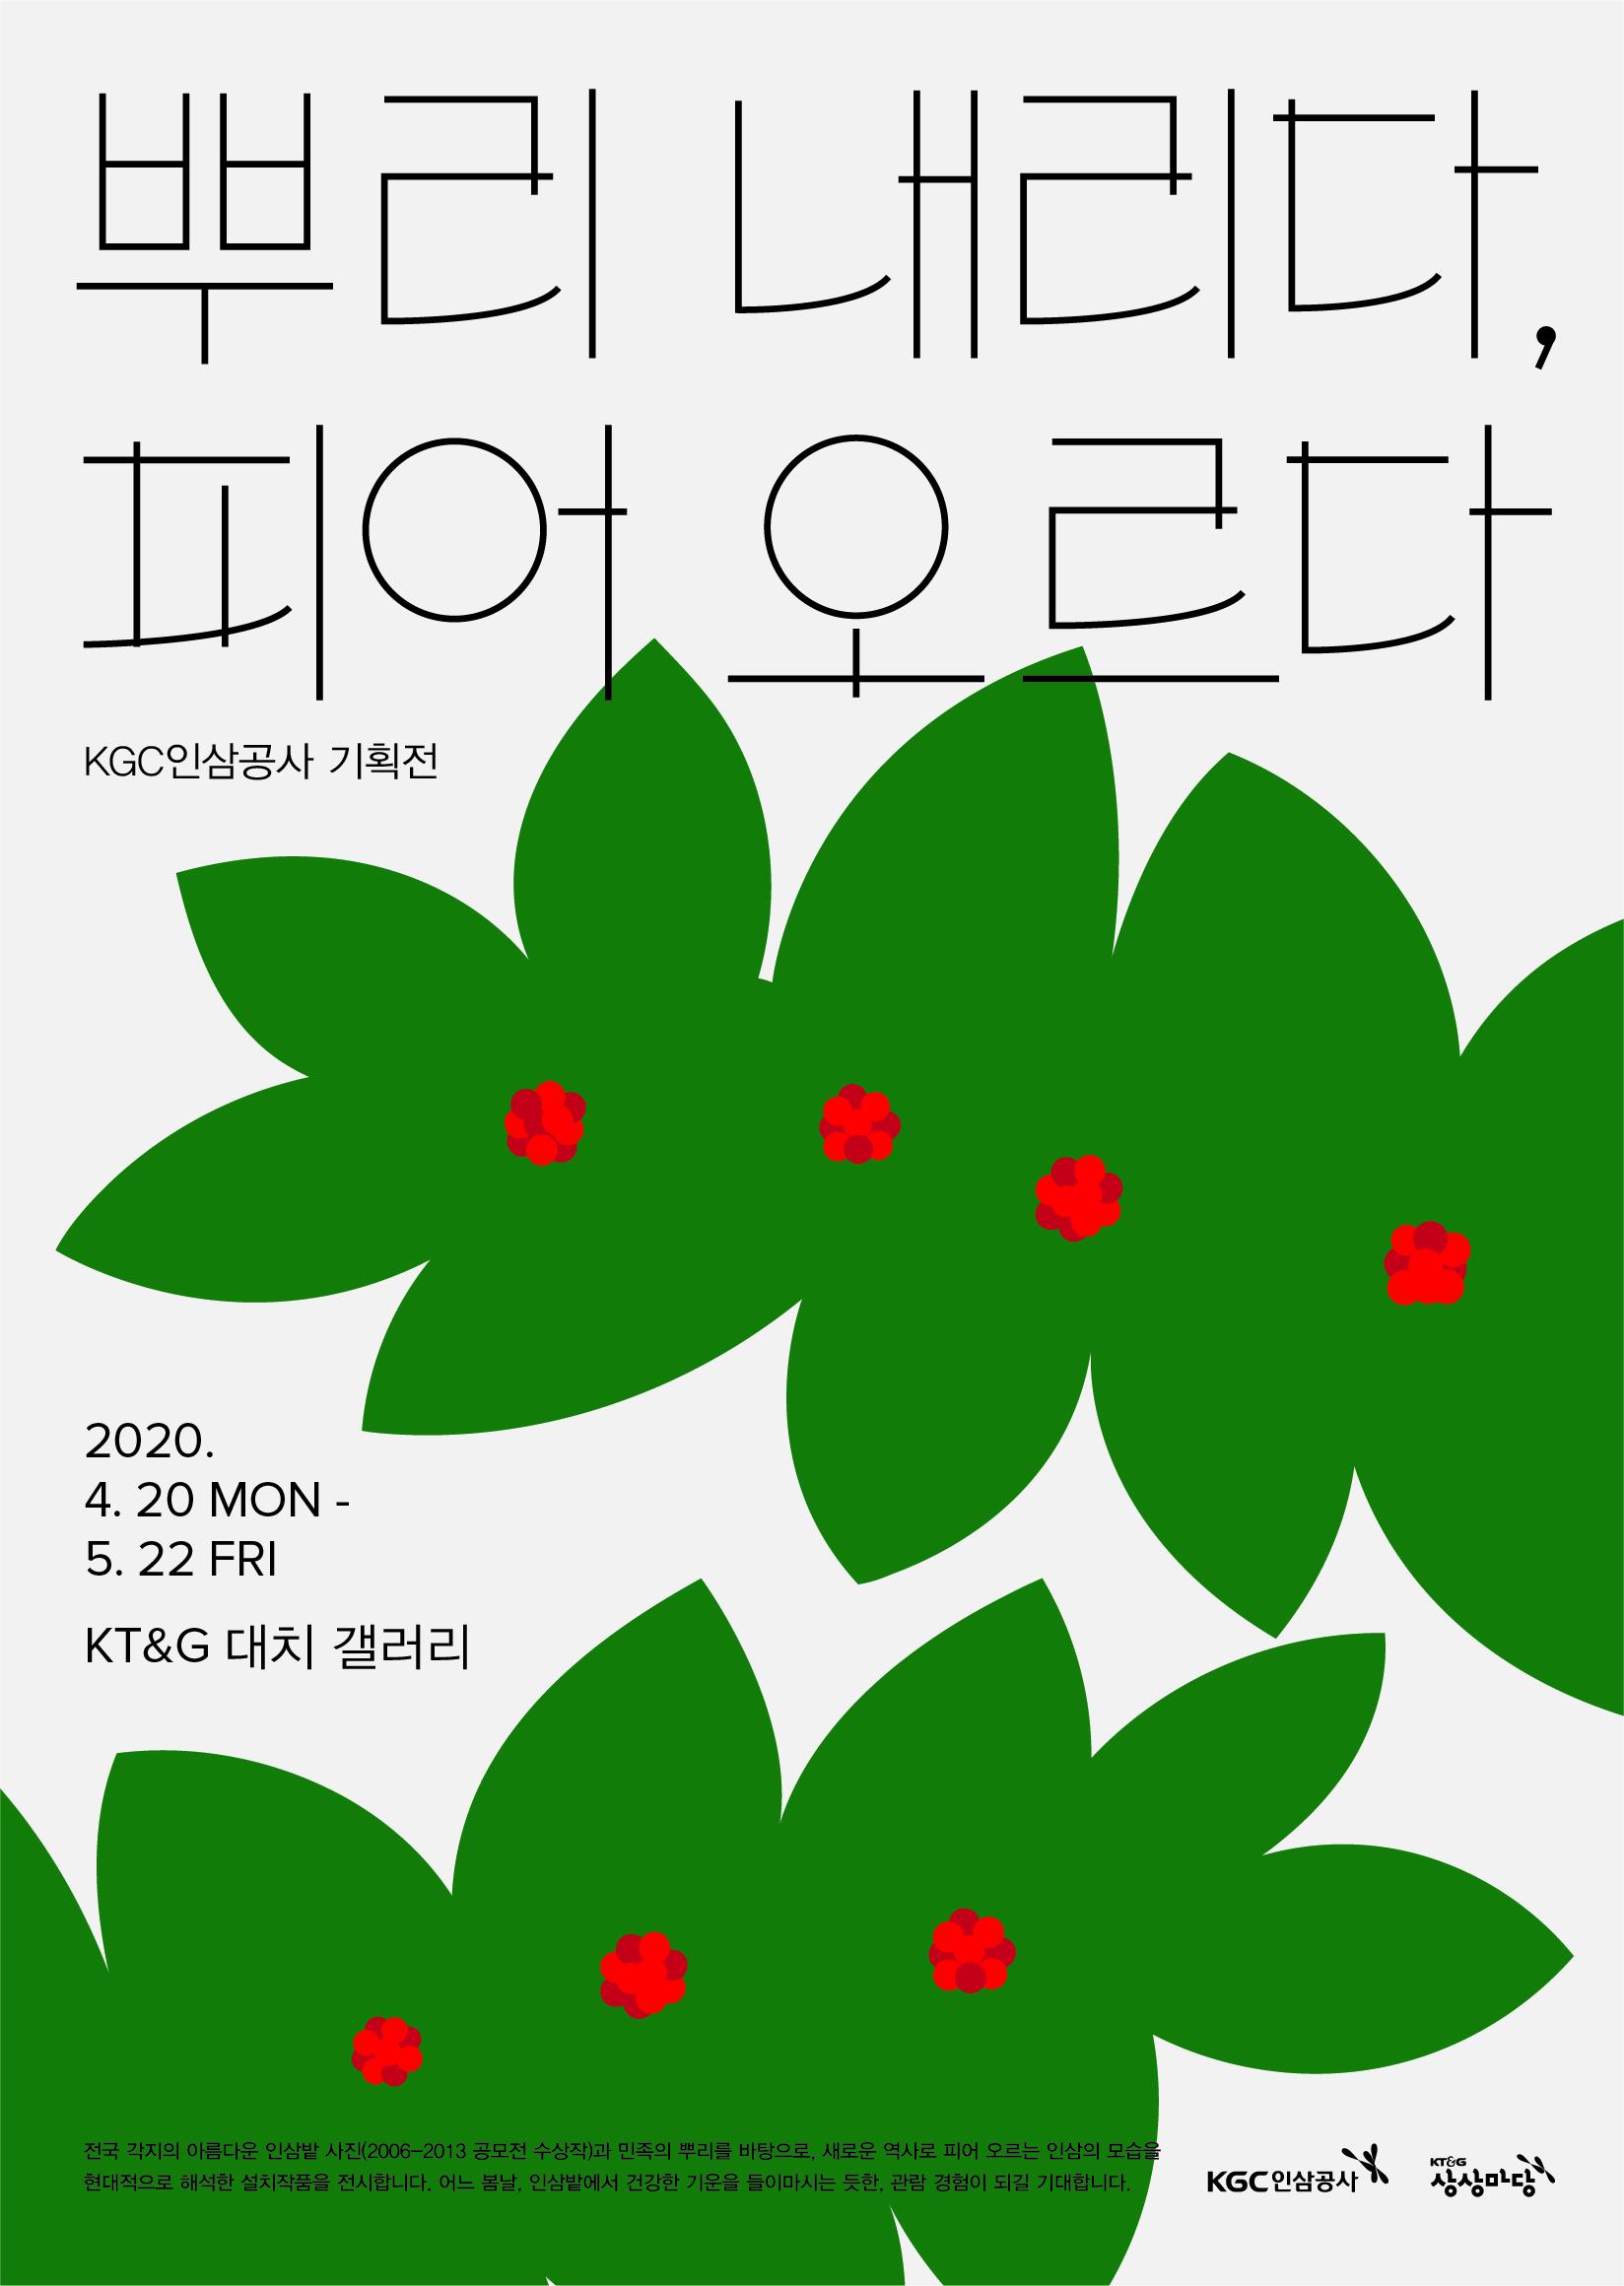 KGC_뿌리내리다피어오르다_포스터.jpg